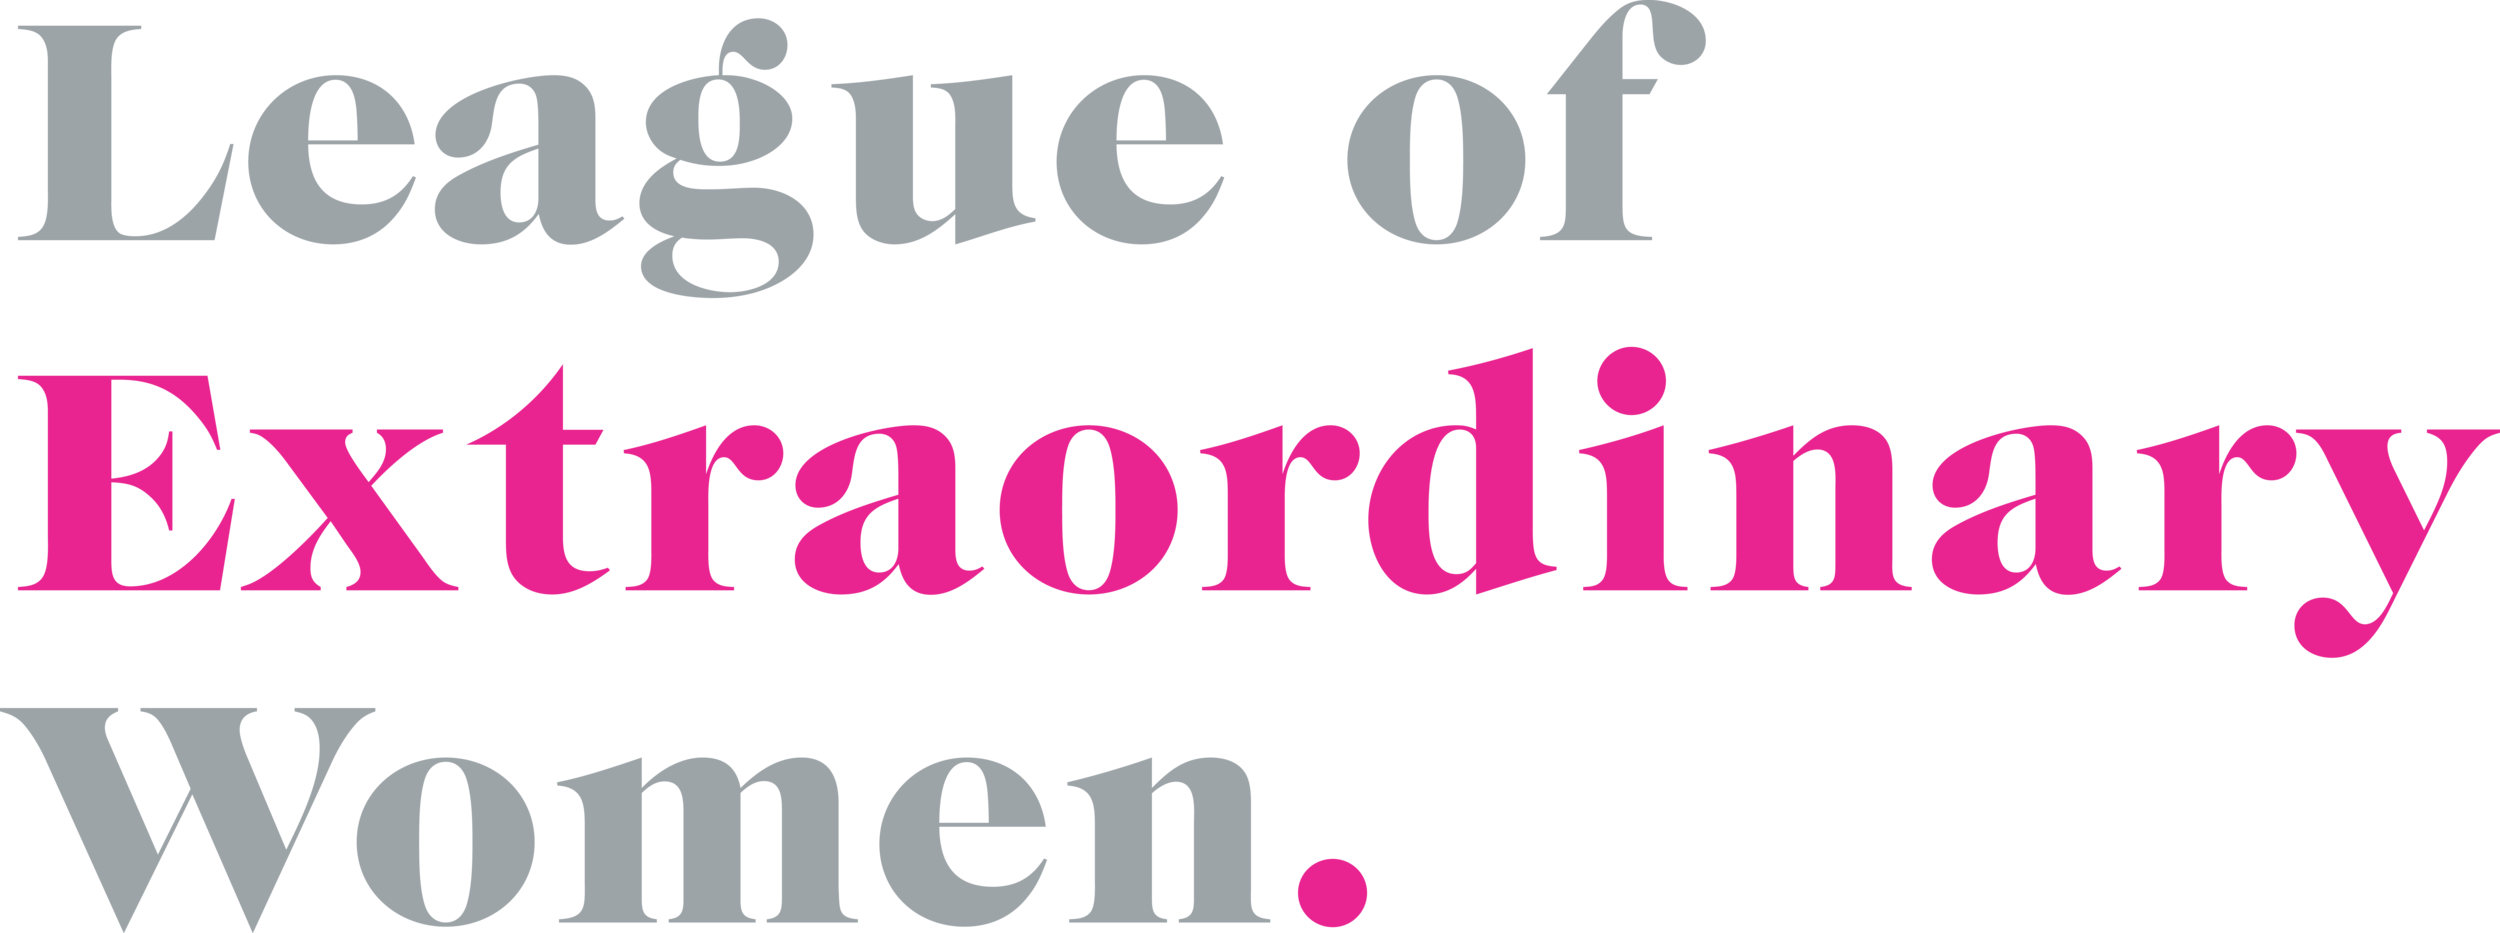 League-logo.png